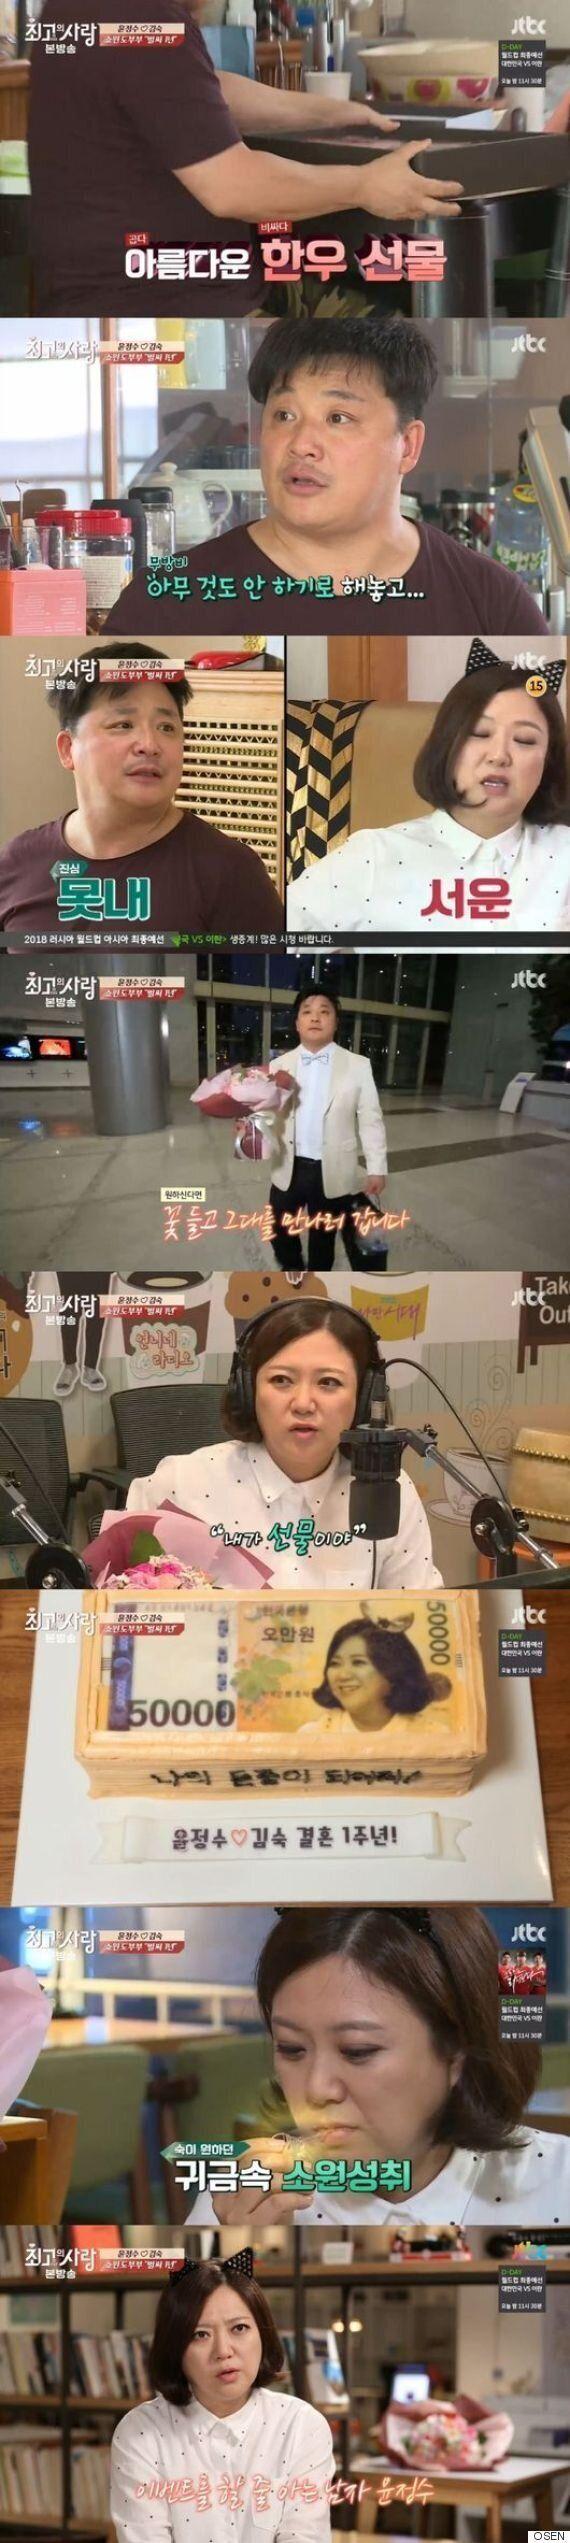 [어저께TV] '님과함께' 윤정수, 김숙 감동시킨 '한 방' 있는